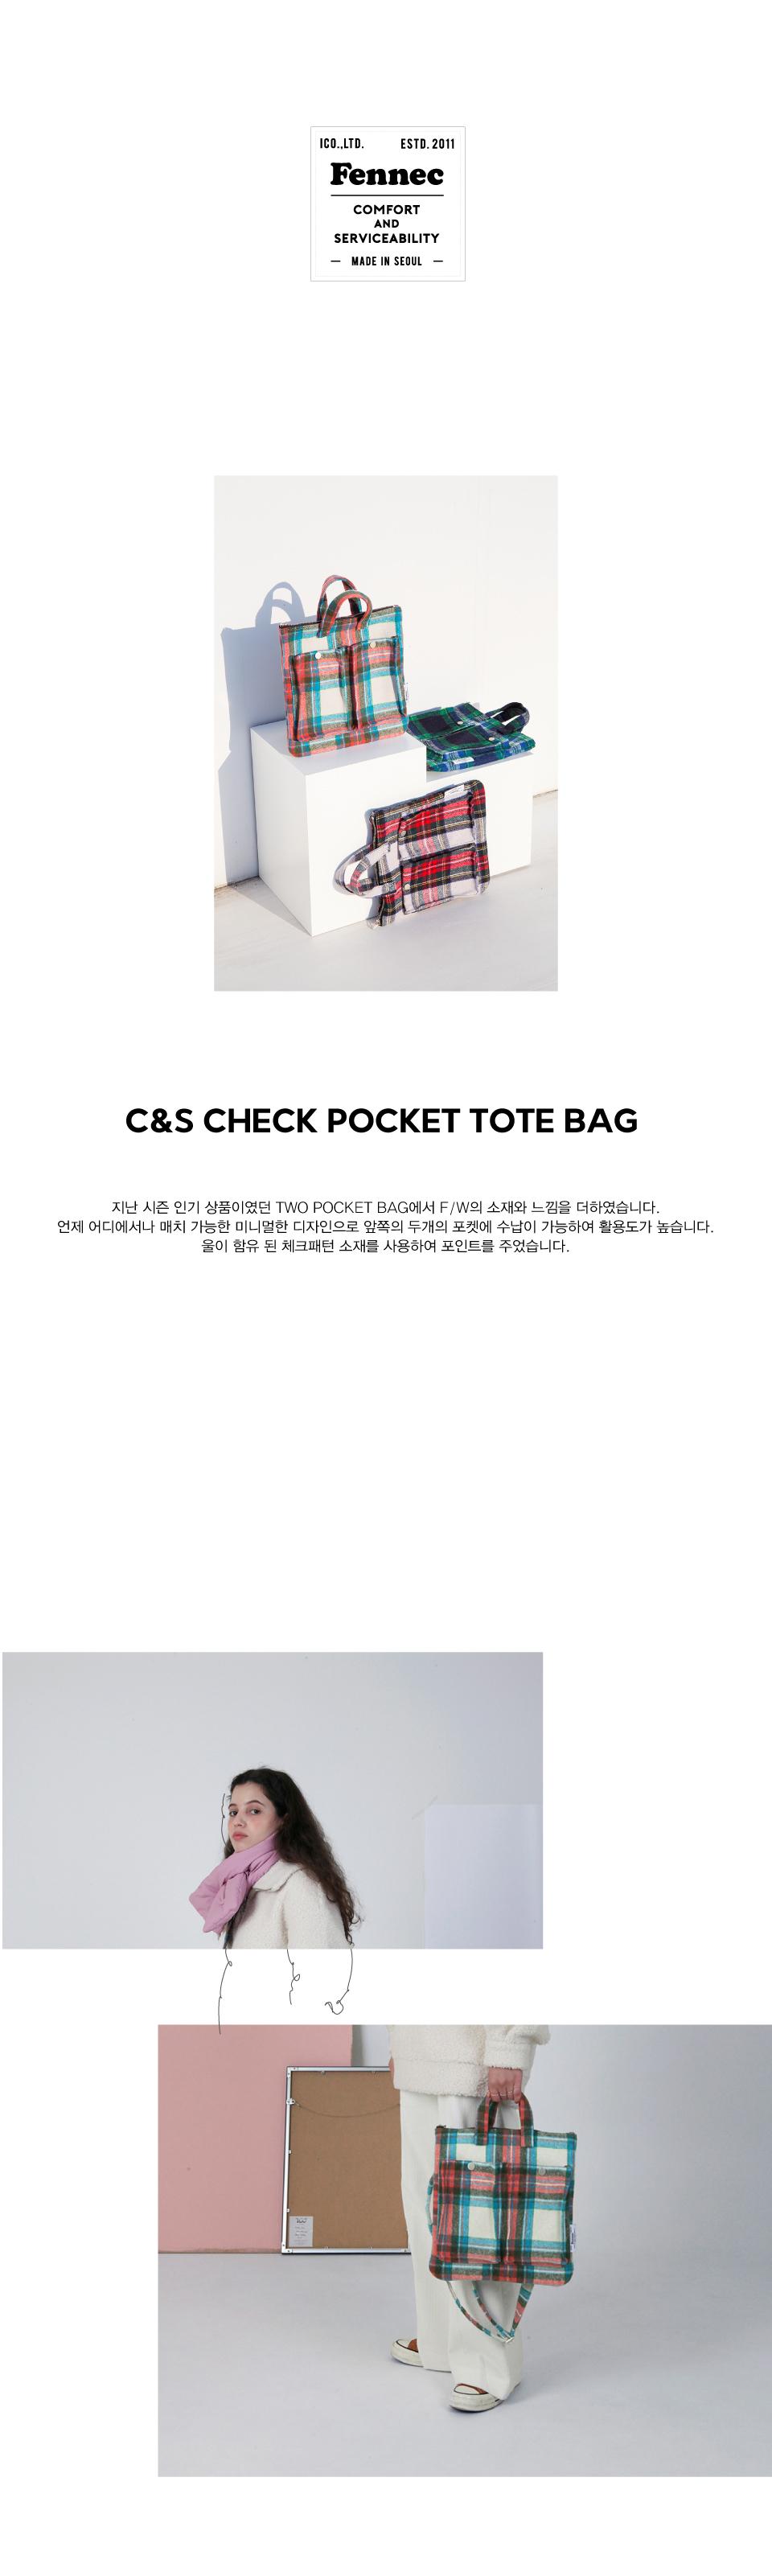 pocket (1).jpg